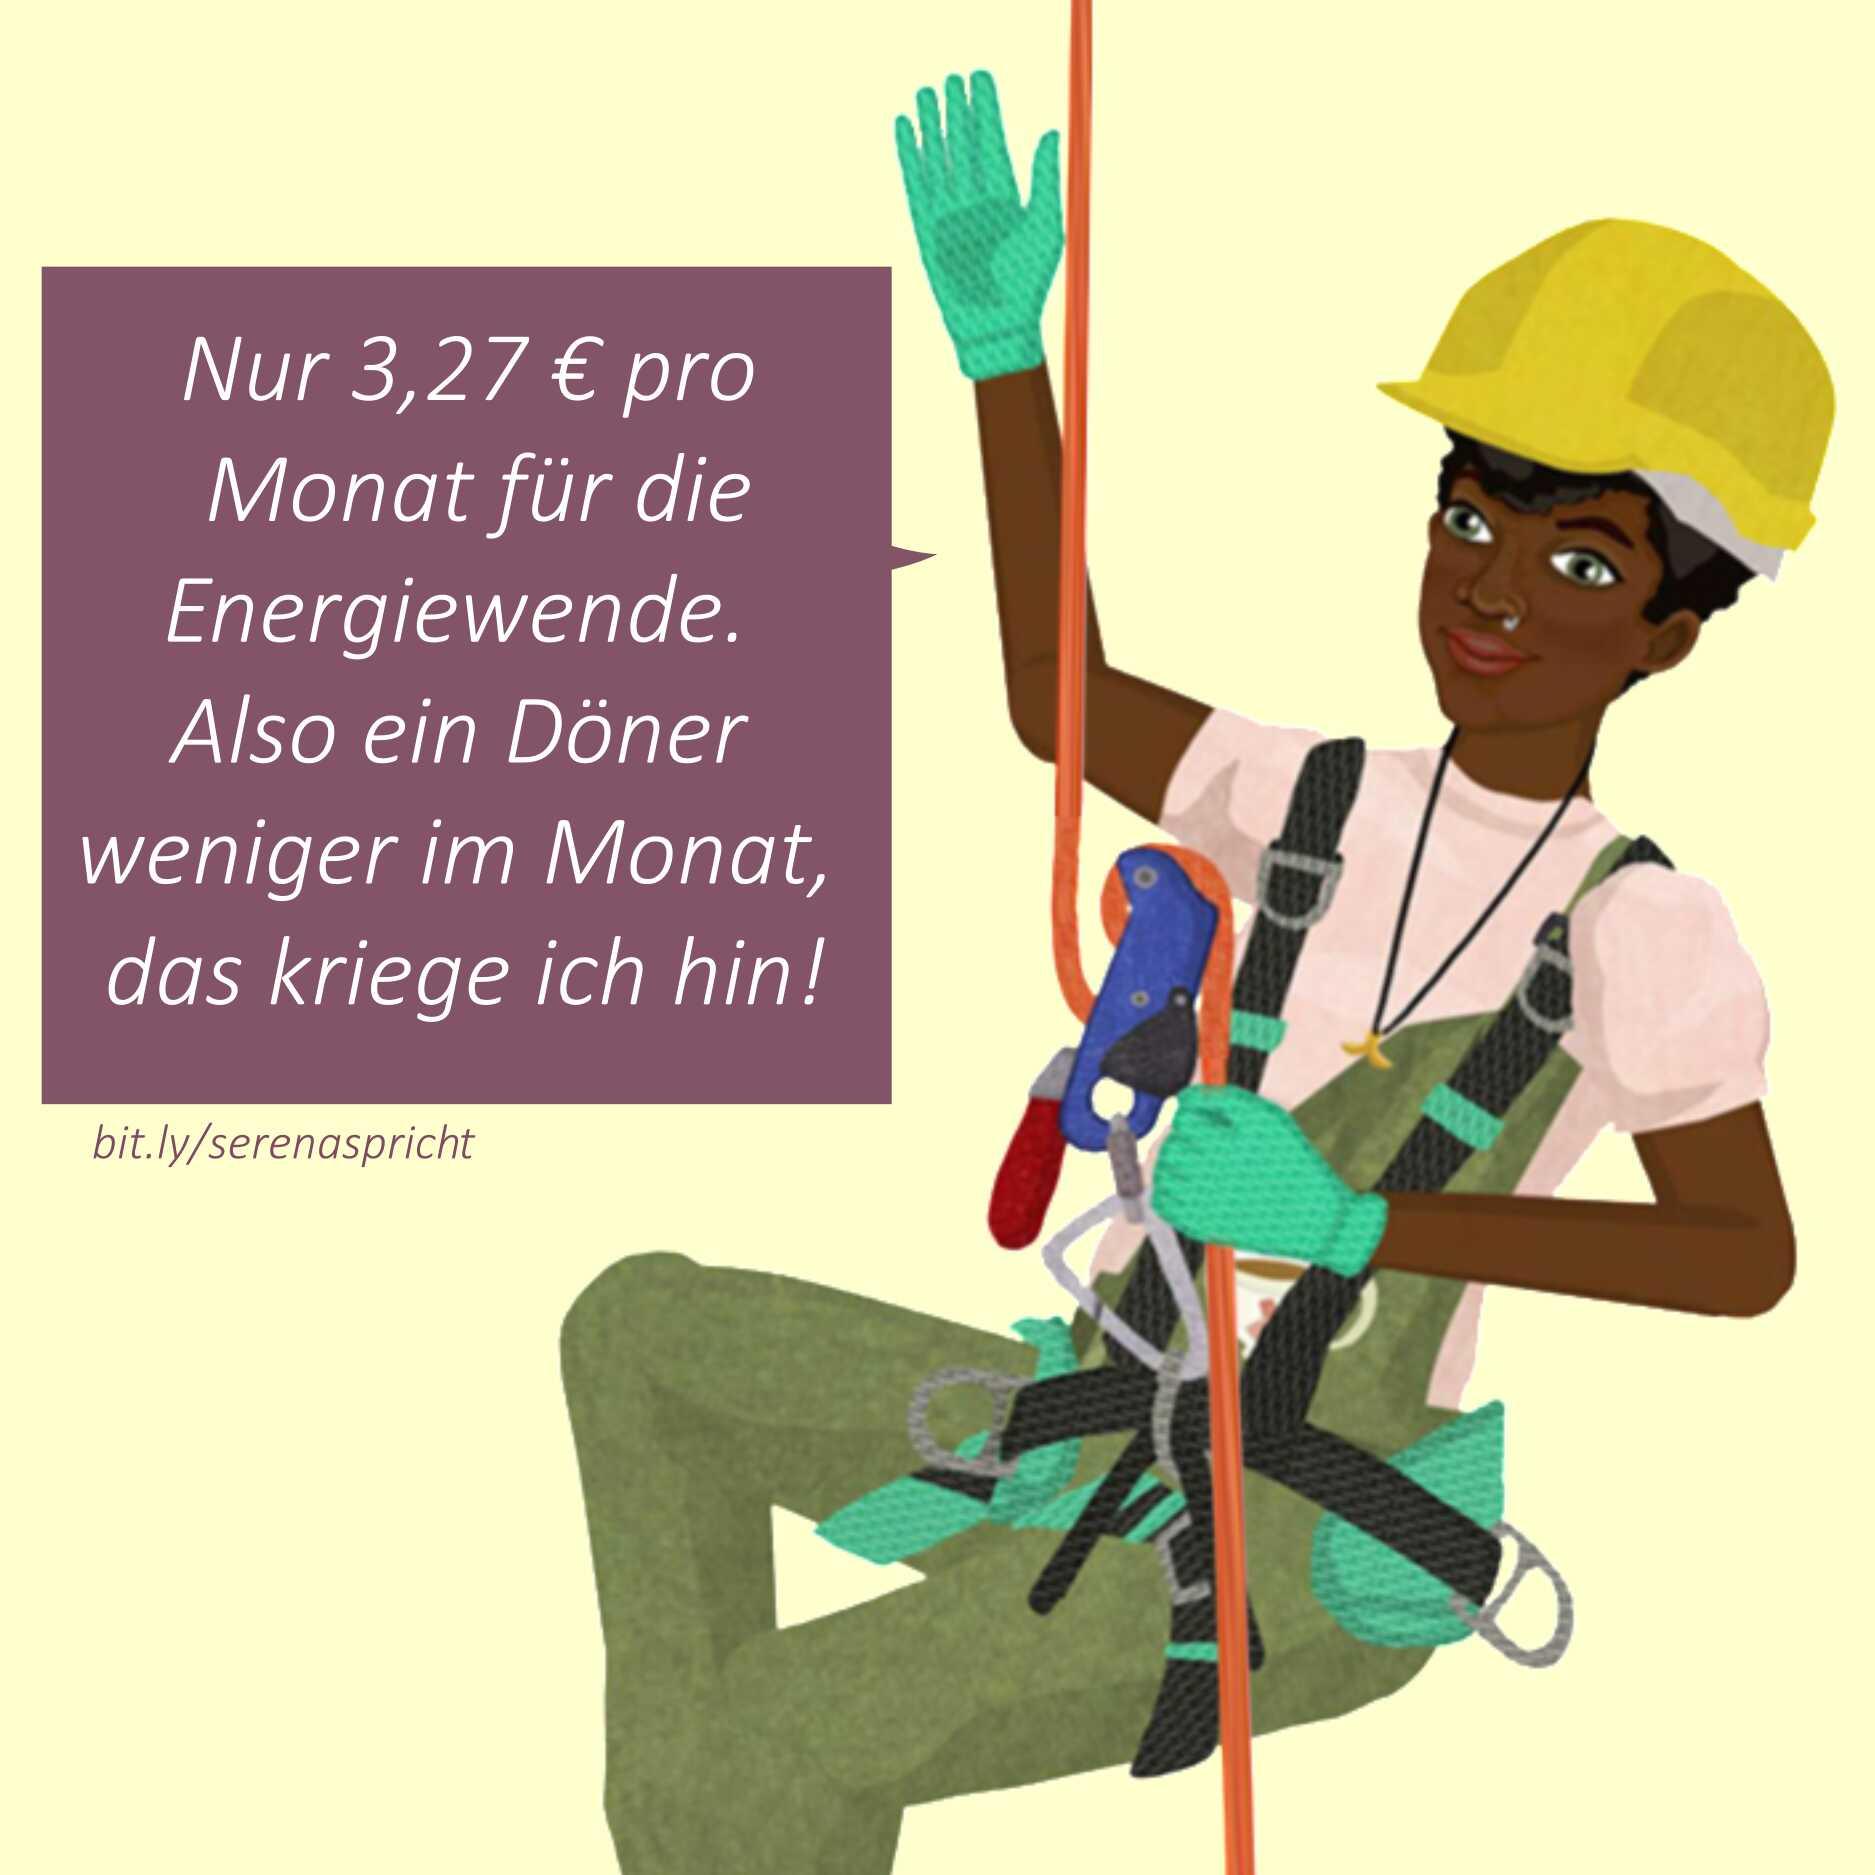 serena-comic_energiewendekosten